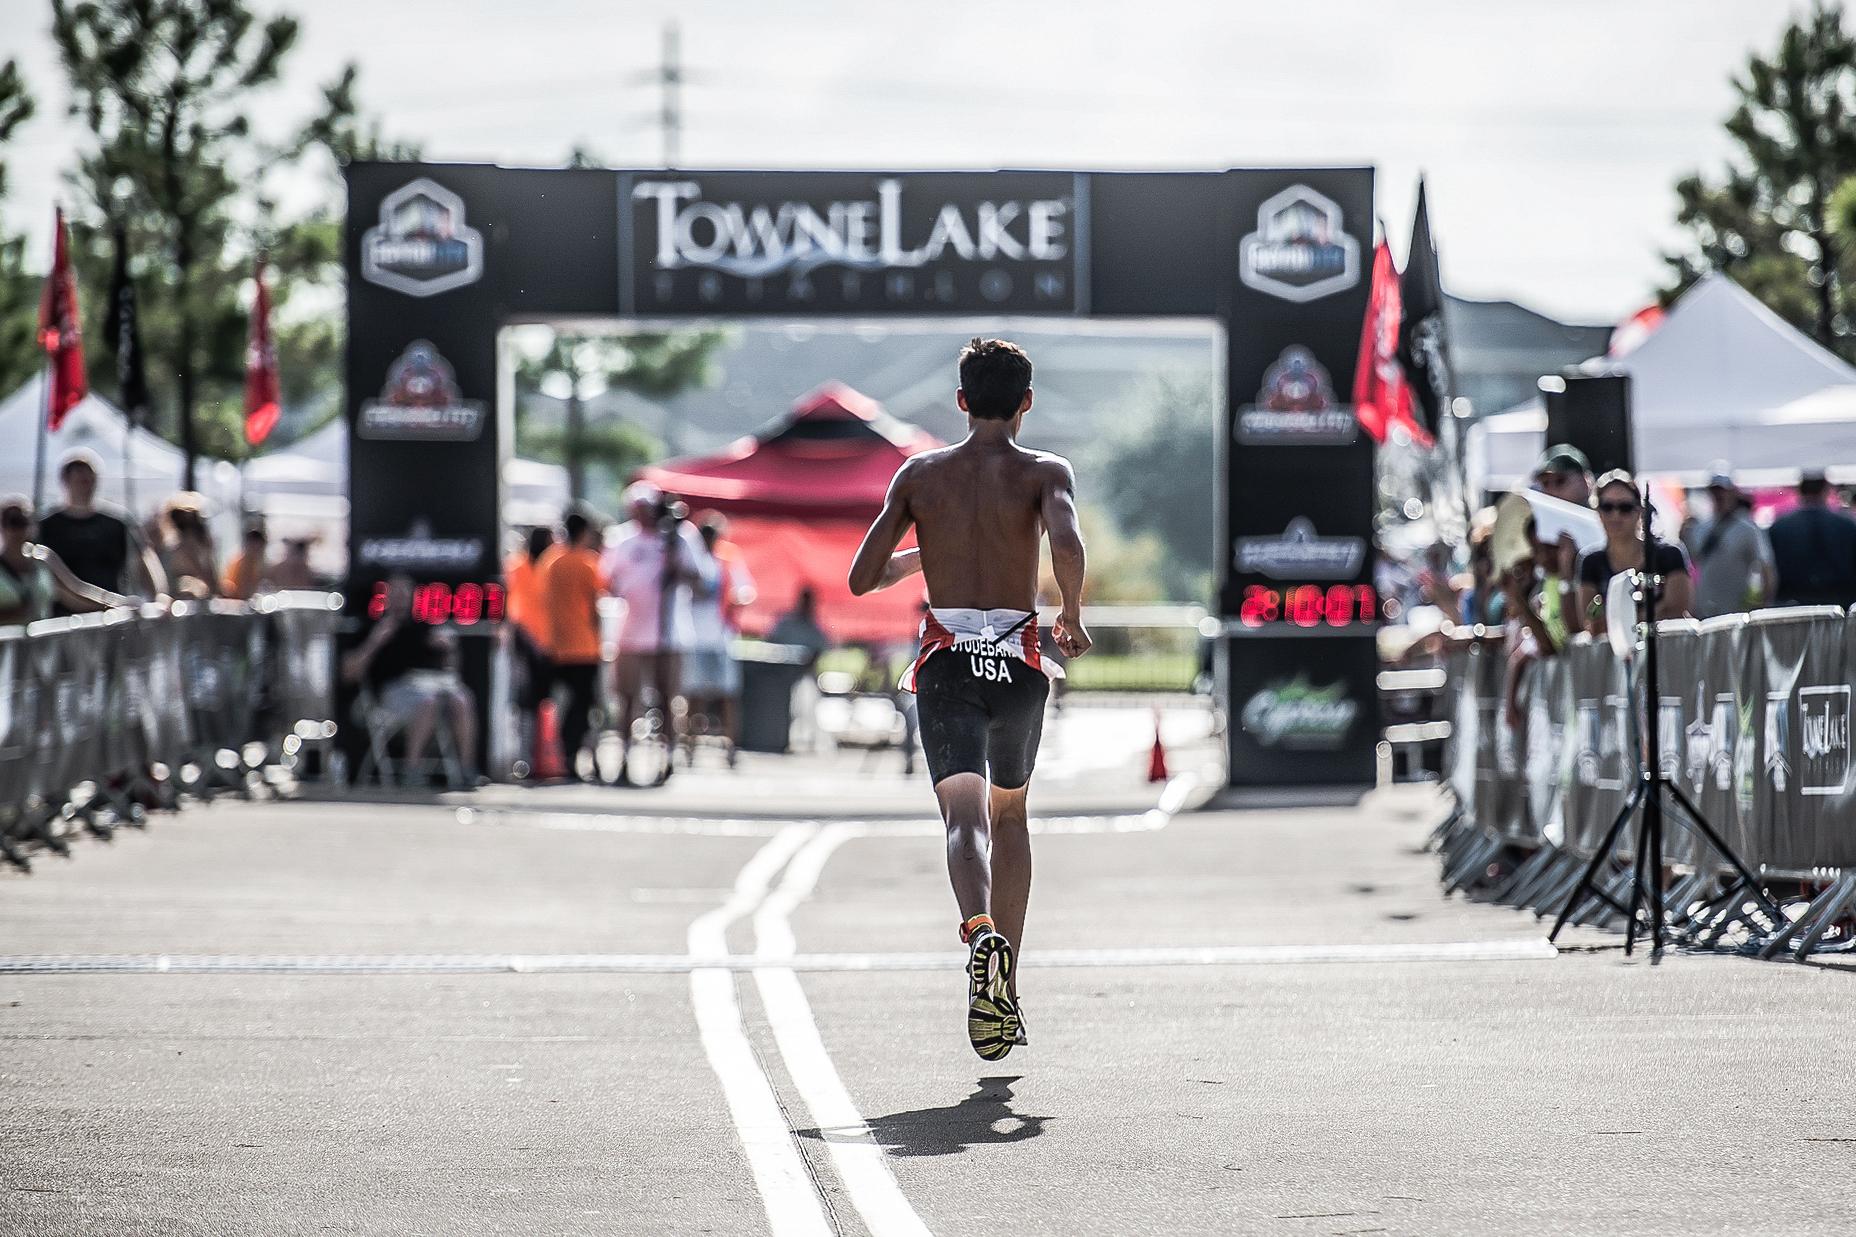 Towne LakePast Results Below -